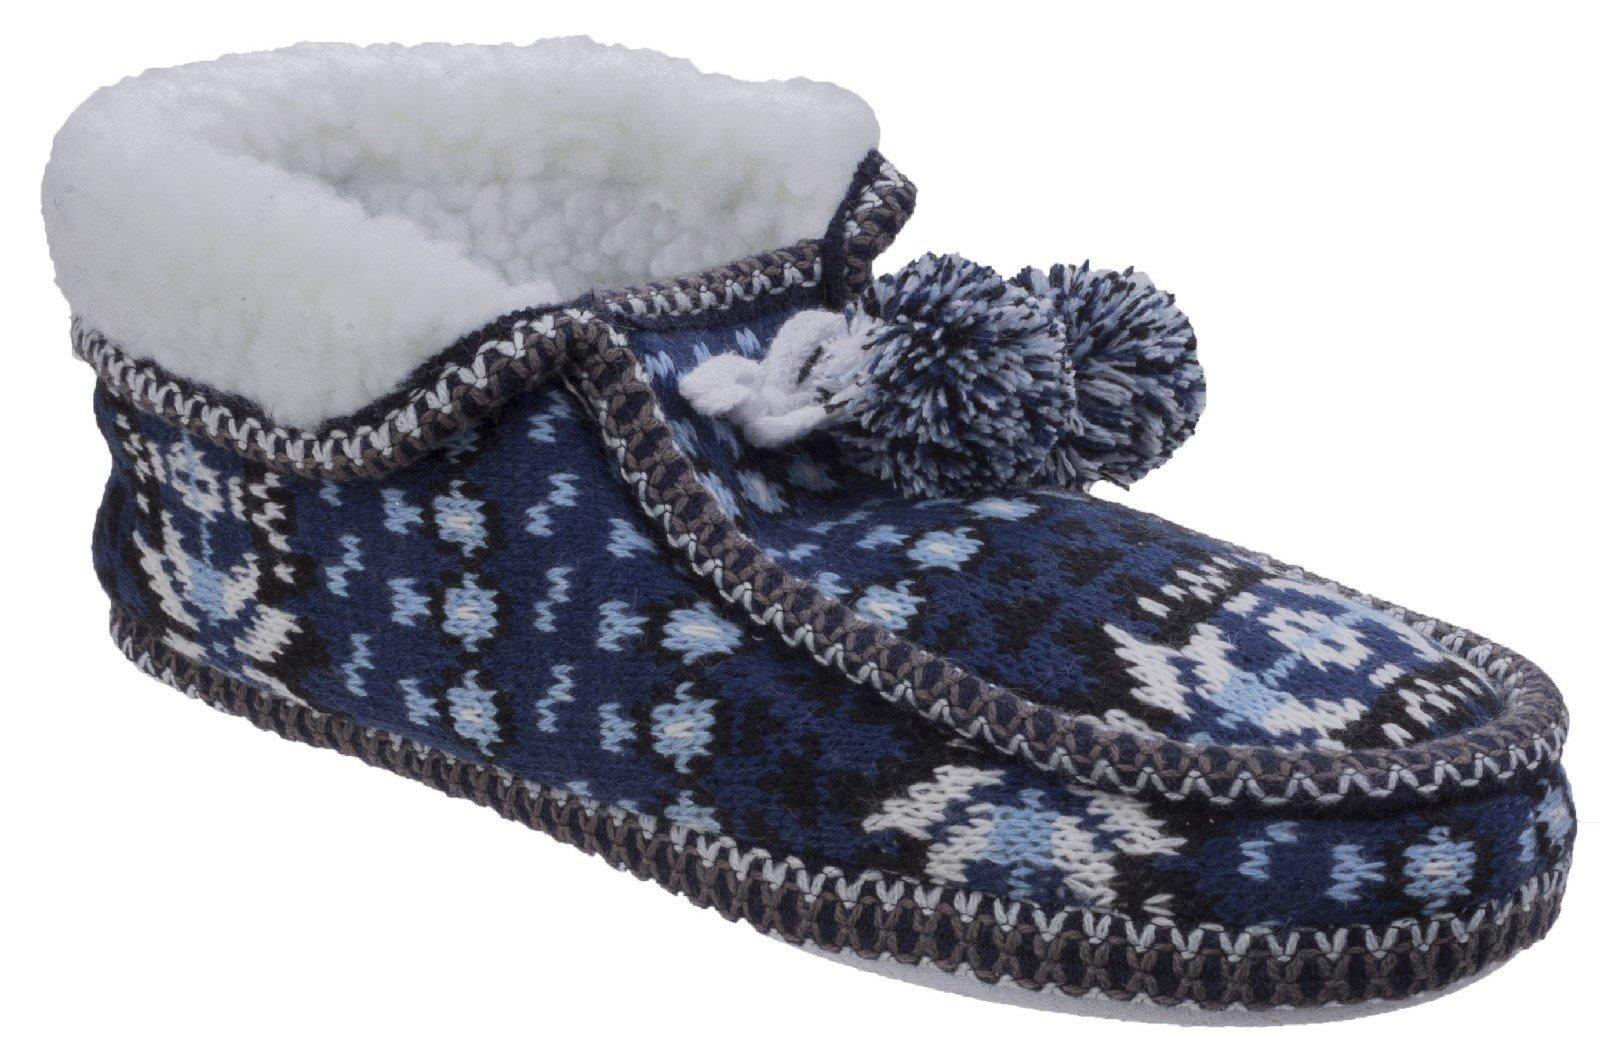 Divaz Women's Lapland Knitted Slipper Black 25584-42601 - Blue 4